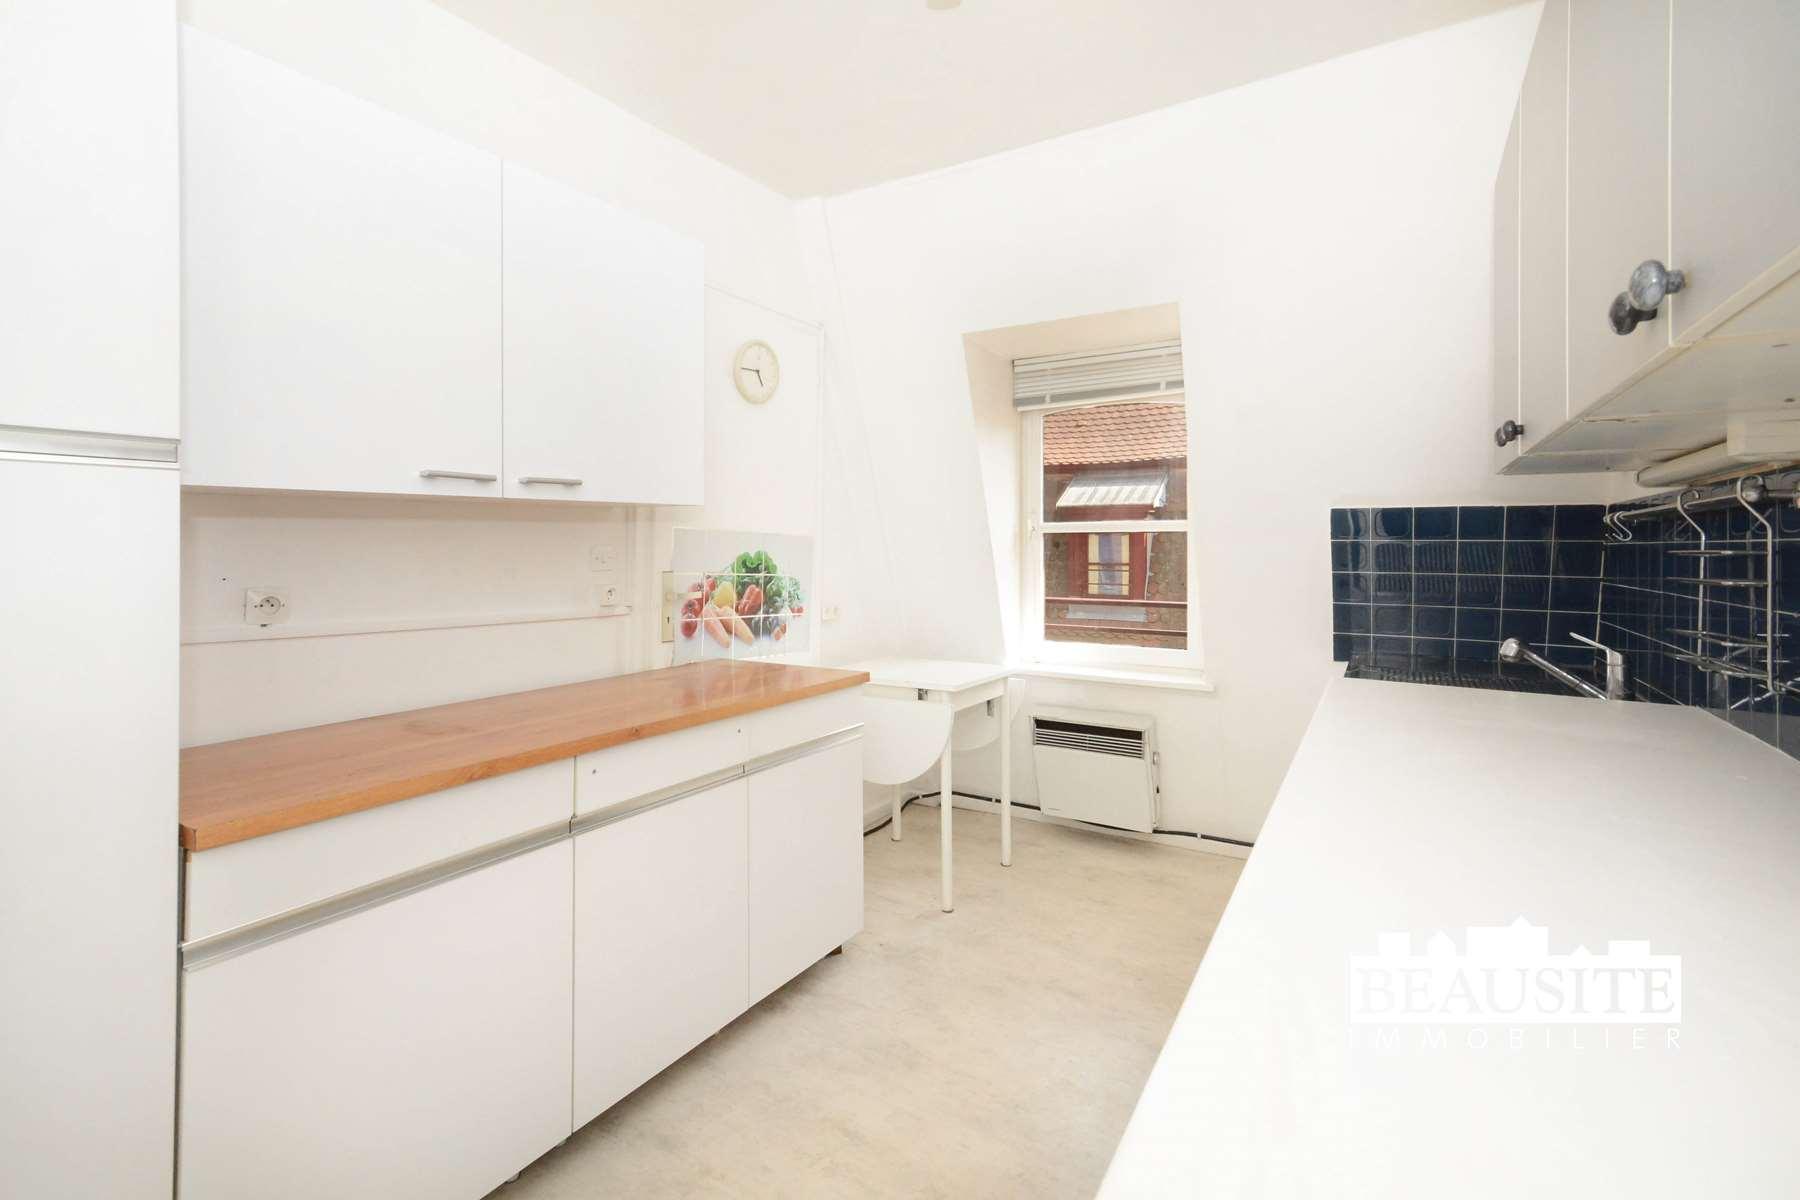 [Gold] Un appartement lumineux avec vue sur la Cathédrale - Strasbourg Centre - nos ventes - Beausite Immobilier 10